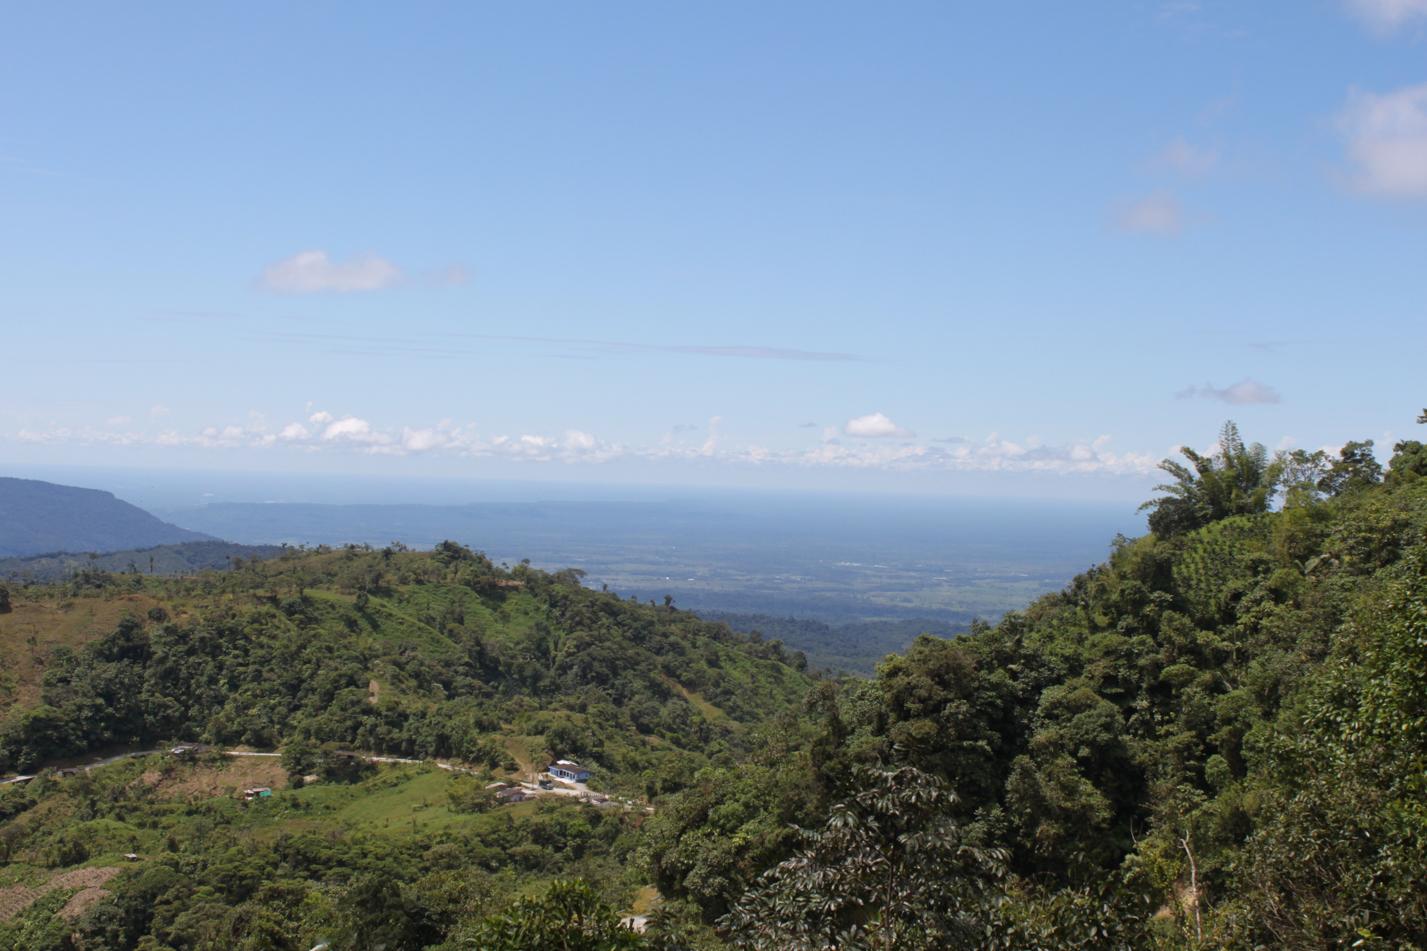 Da hinten erstreckt sich das Amazonastiefland. Das weitläufige Flußnetz haben wir diesen Tag sehr gut gesehen.